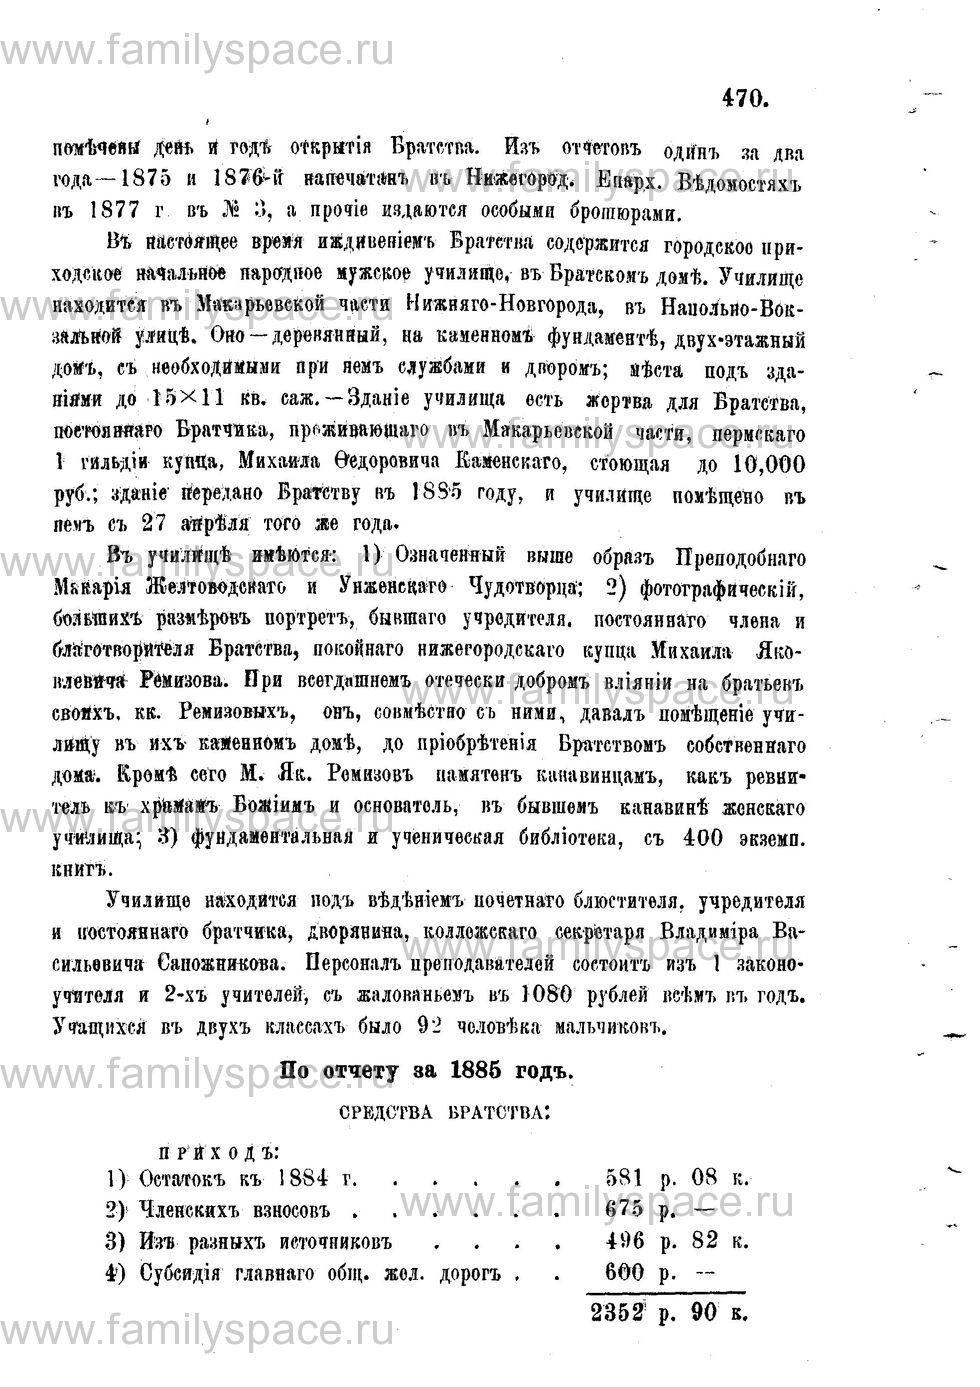 Поиск по фамилии - Адрес-календарь Нижегородской епархии на 1888 год, страница 1470